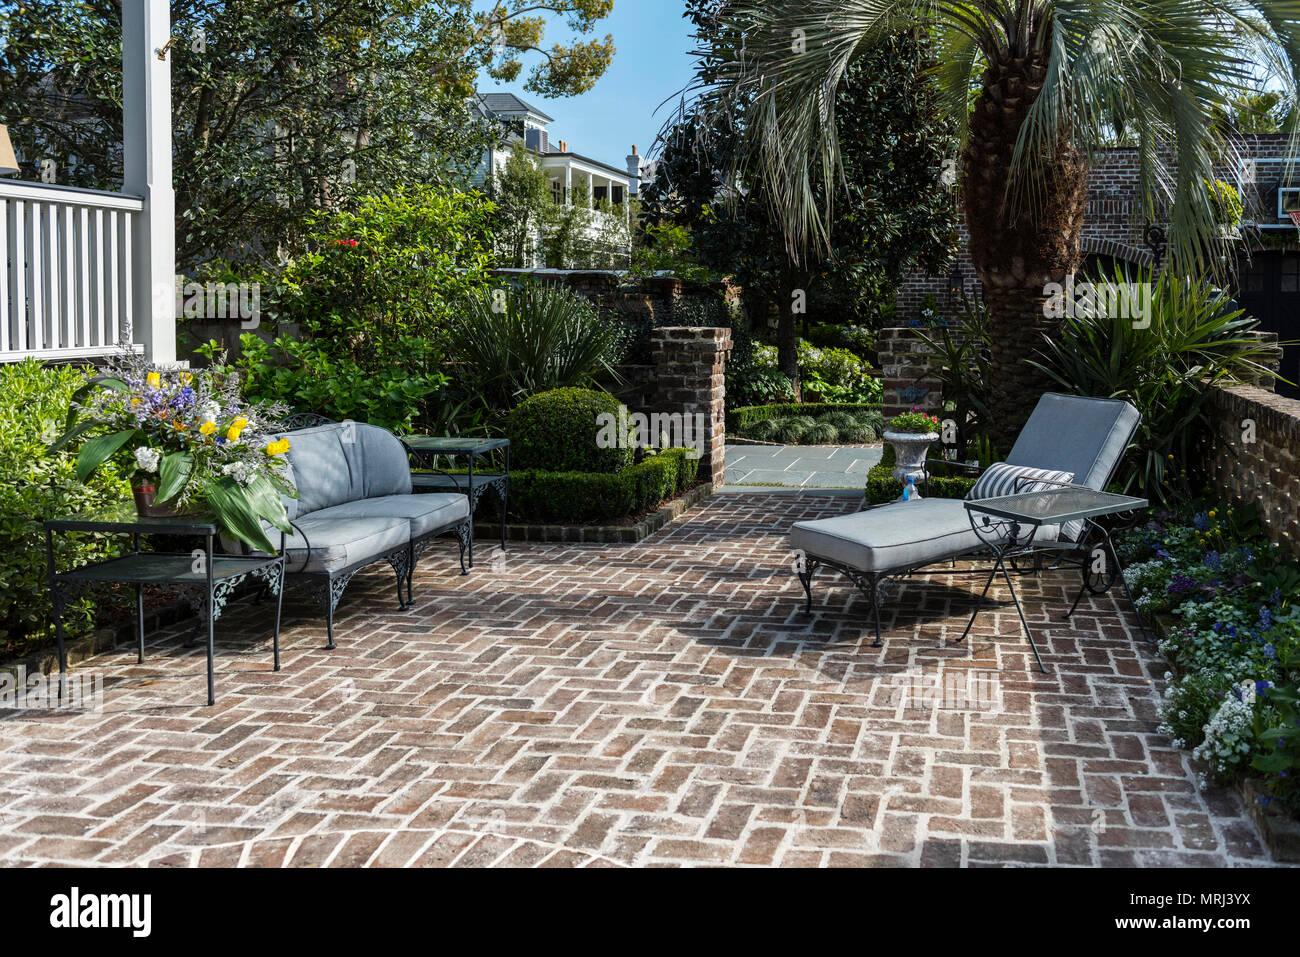 Ziegel Gepflasterte Terrasse In Einem Privaten Charleston In South